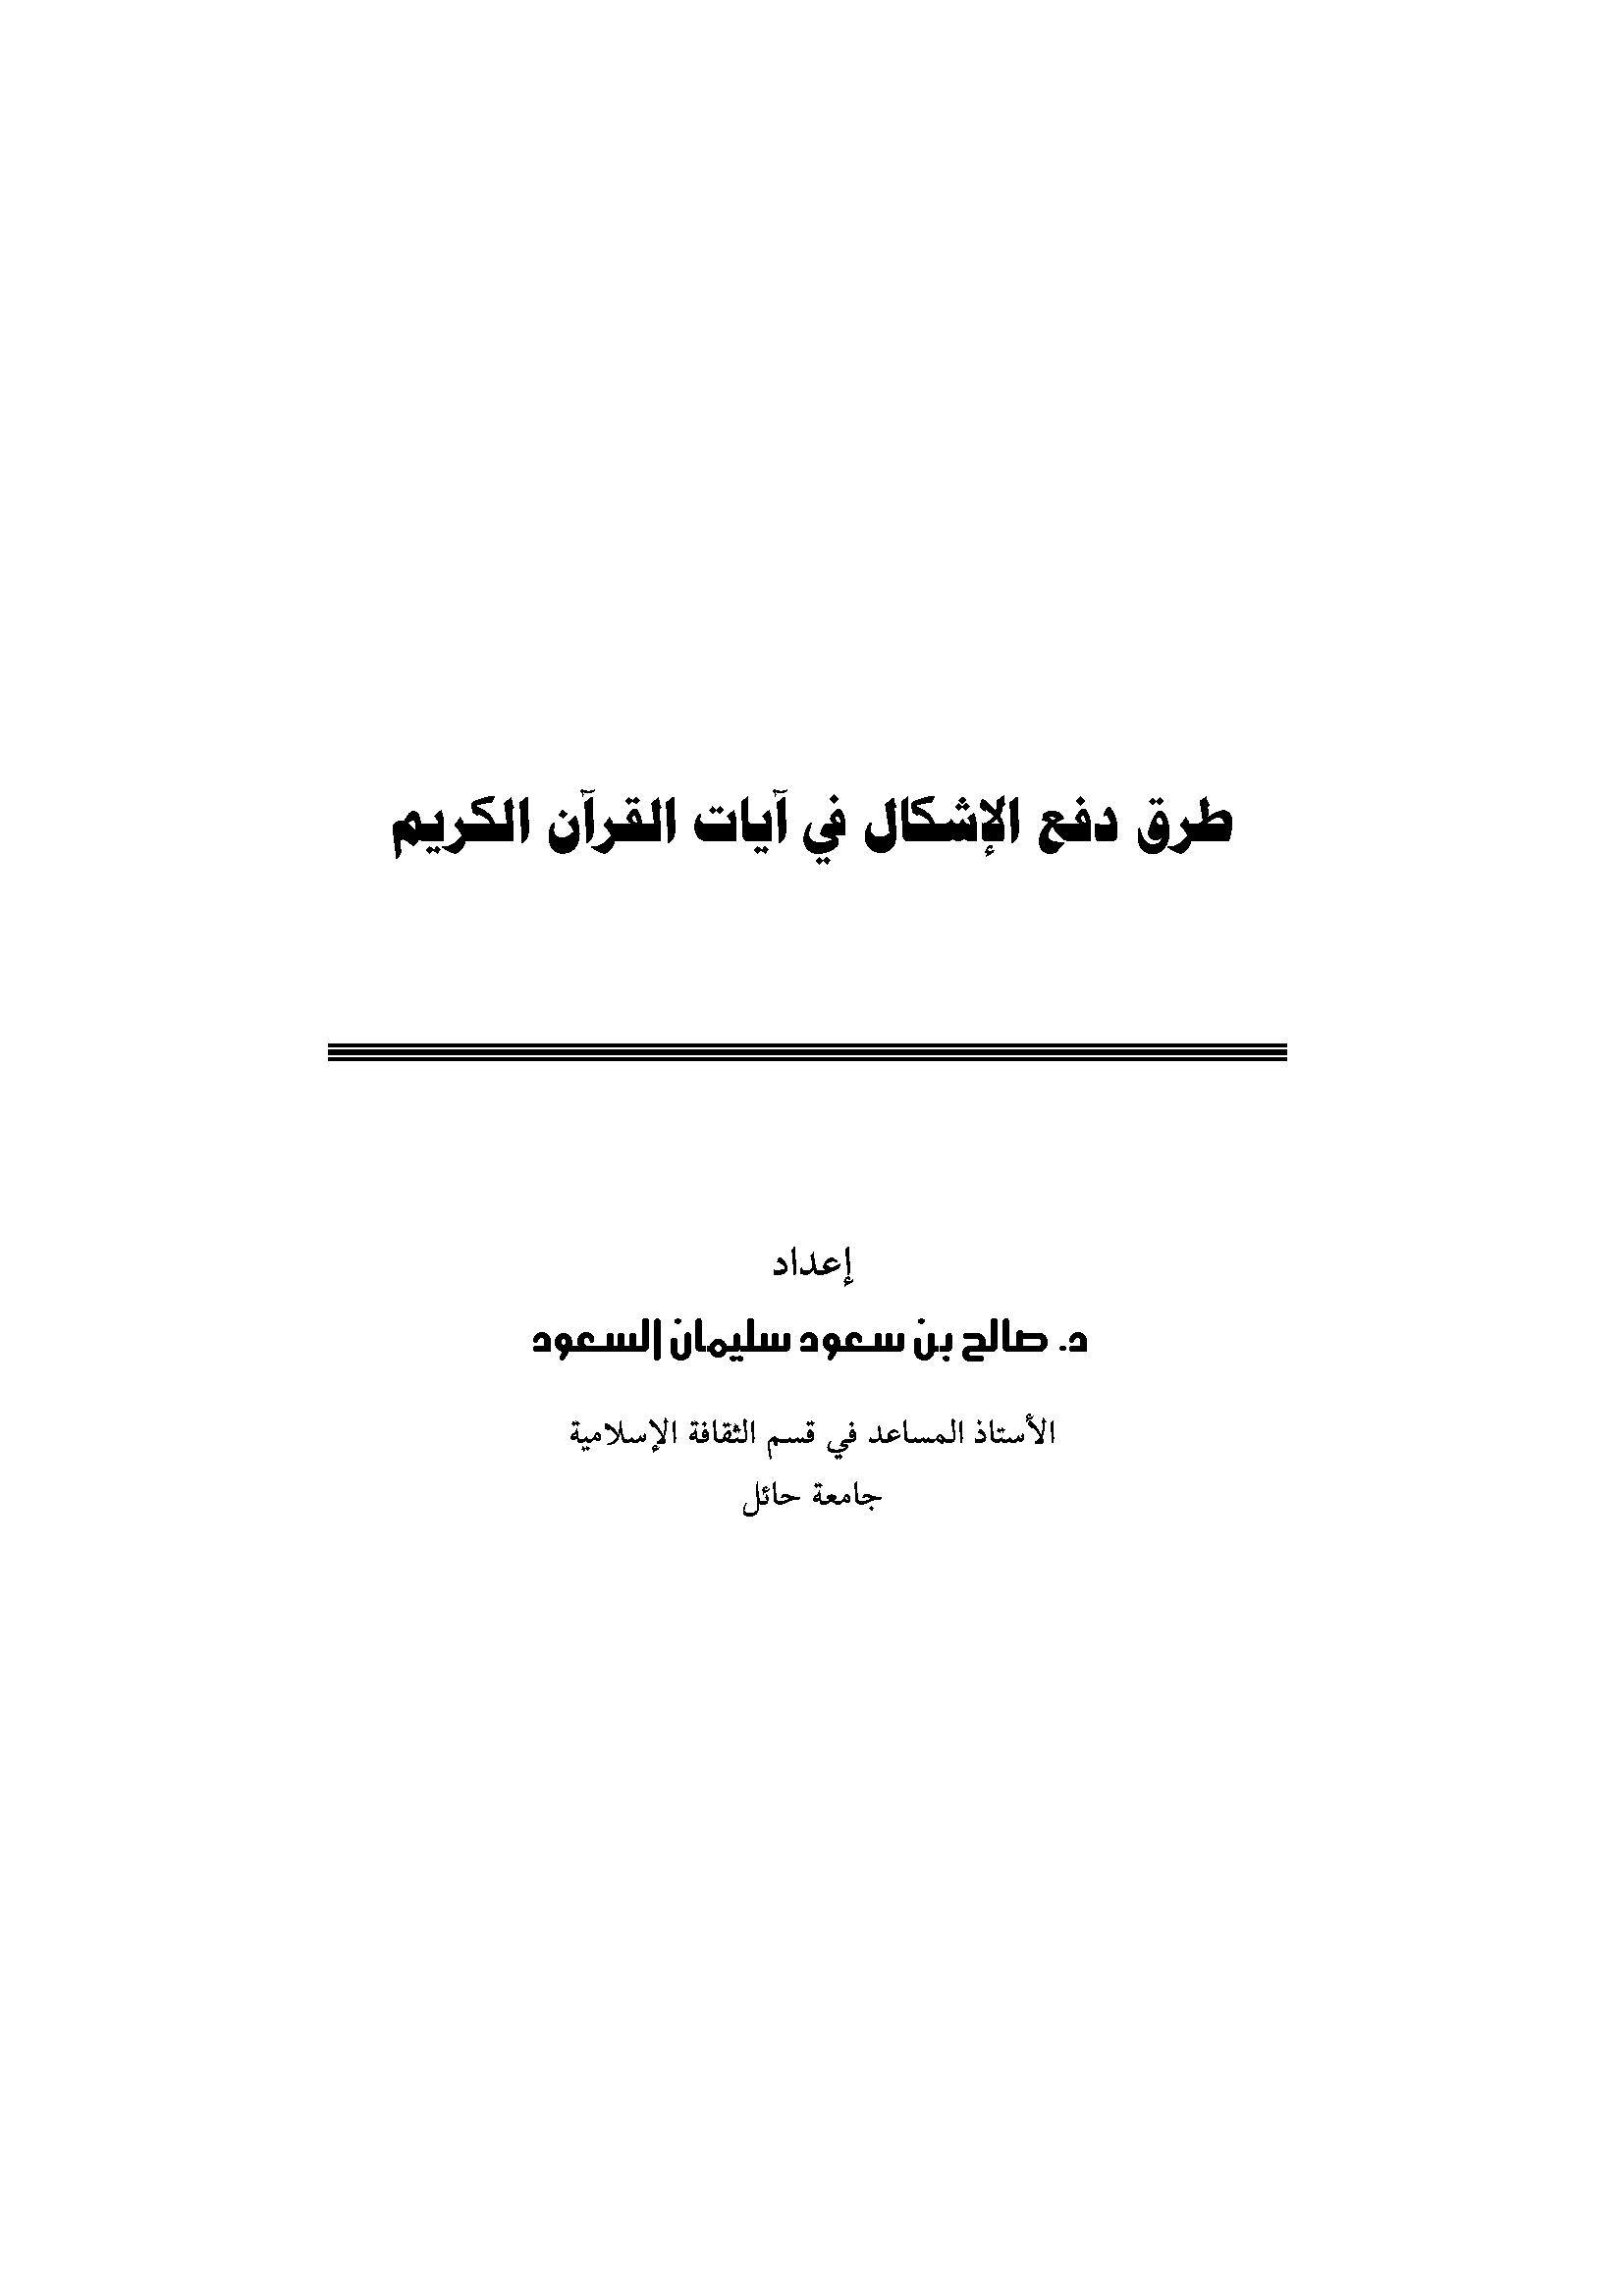 تحميل كتاب طرق دفع الإشكال في آيات القرآن الكريم لـِ: الدكتور صالح بن سعود سليمان السعود